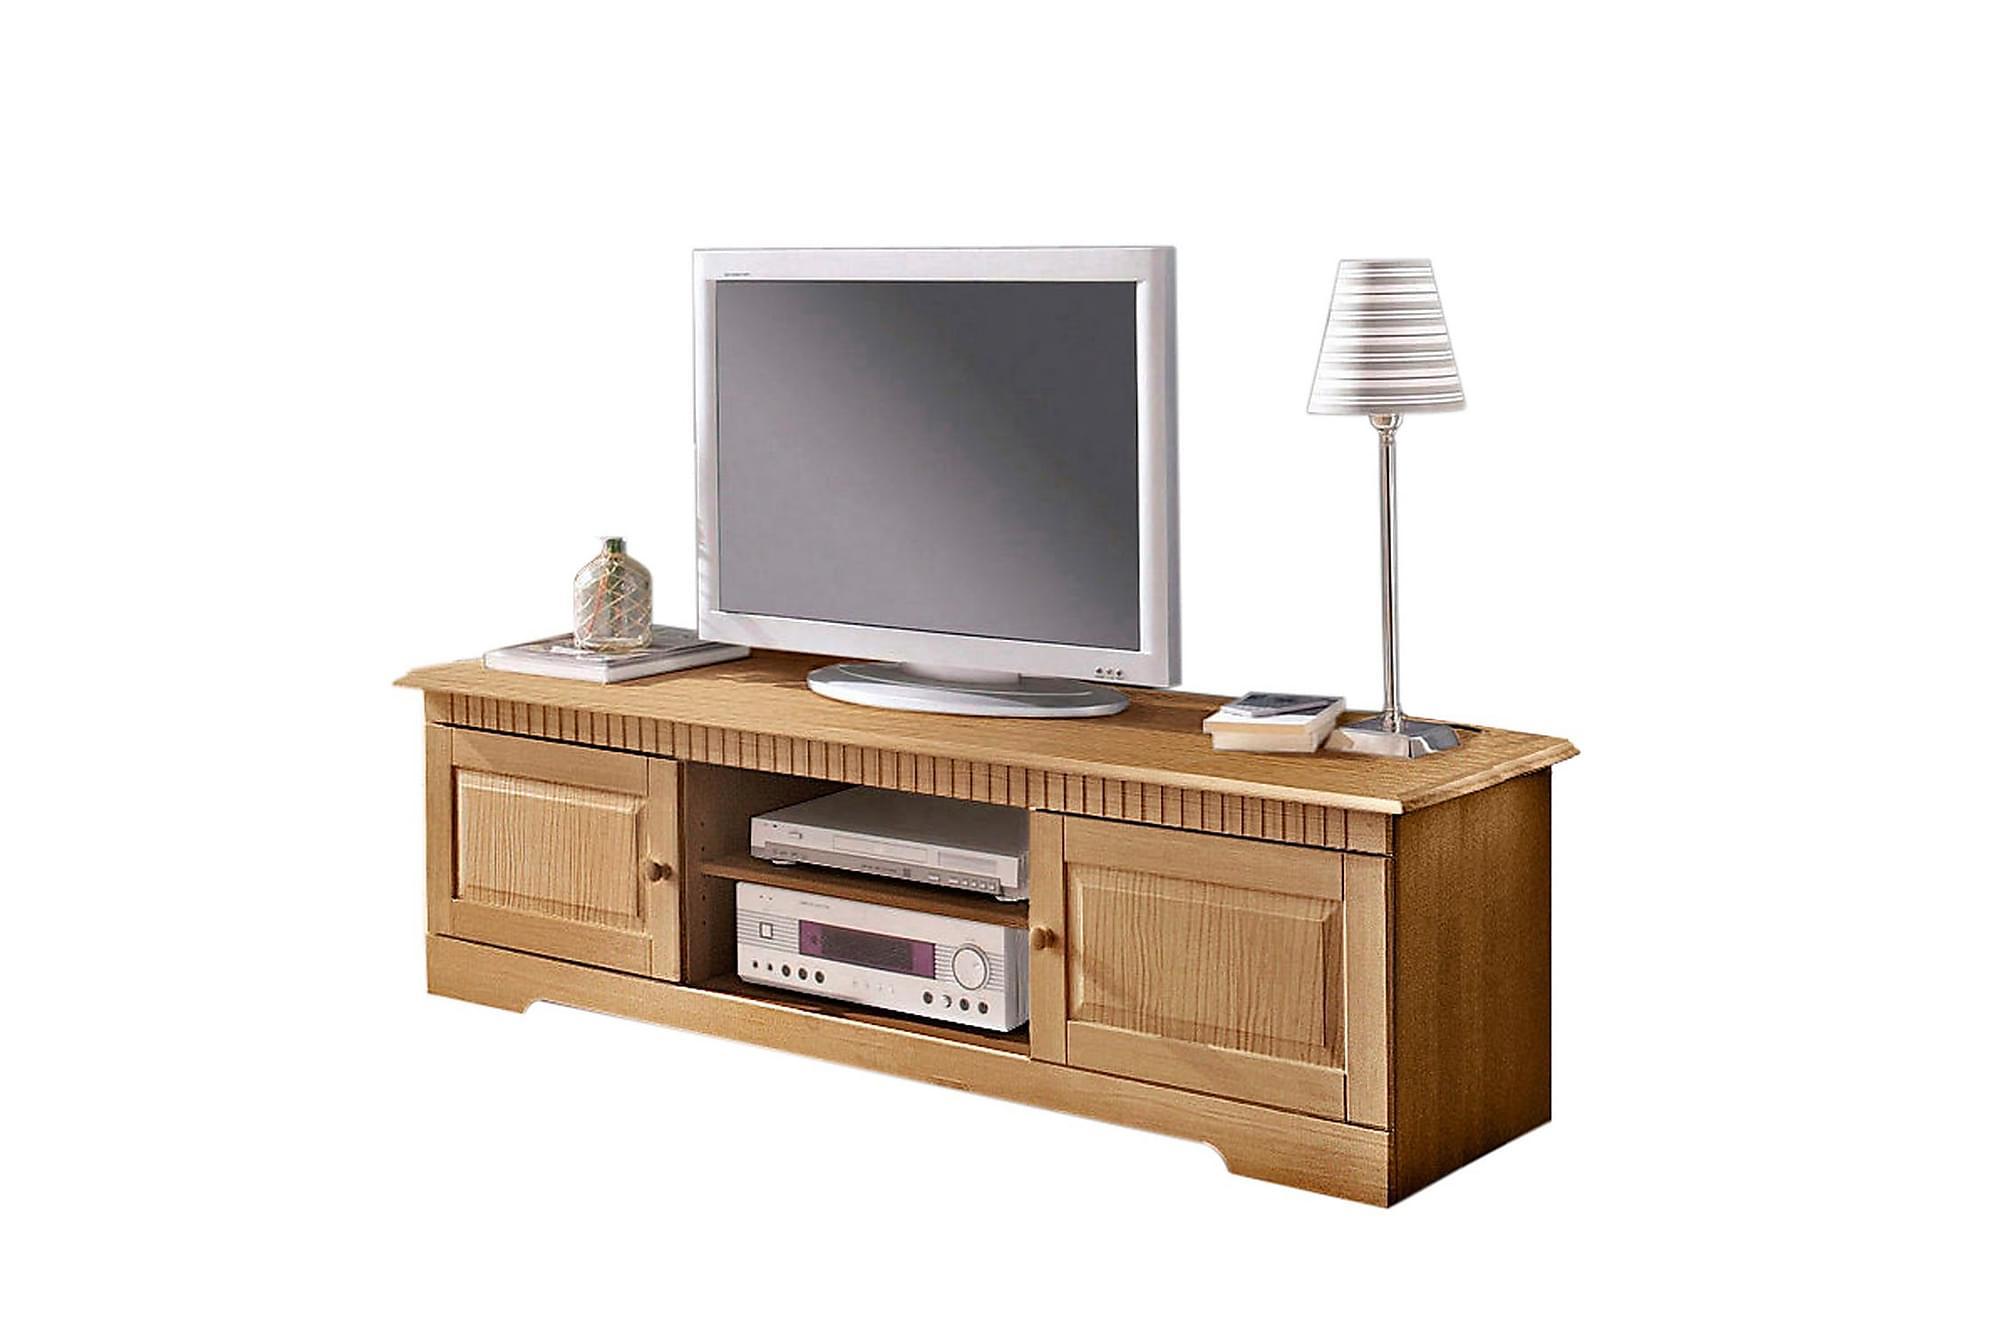 CASTORA TV-bänk 160x45 Brun, Mediamöbler